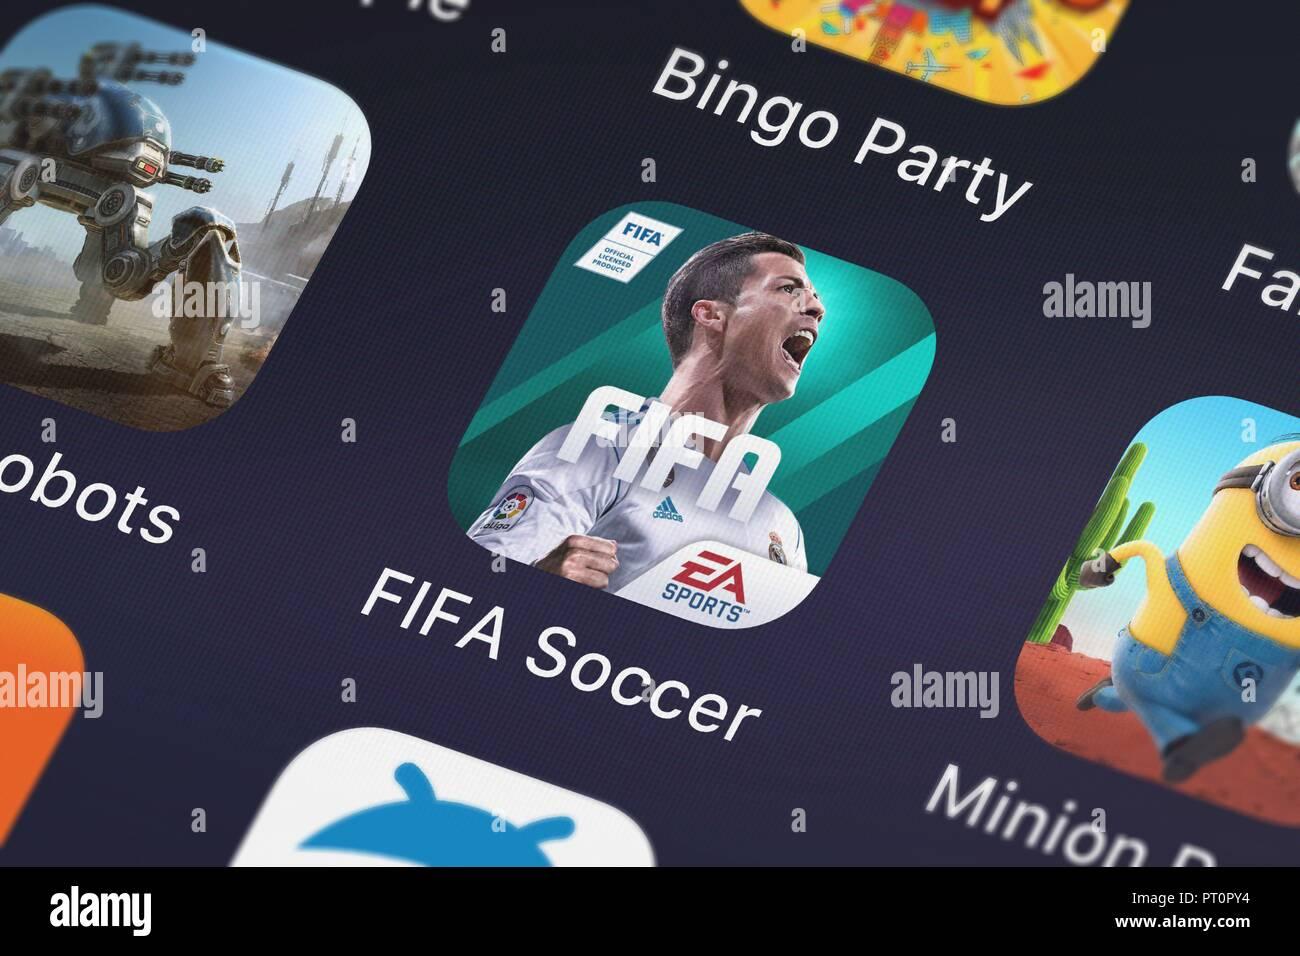 Londres, Royaume-Uni - Octobre 05, 2018: Capture d'écran de l'application mobile de l'Electronic Arts FIFA. Banque D'Images